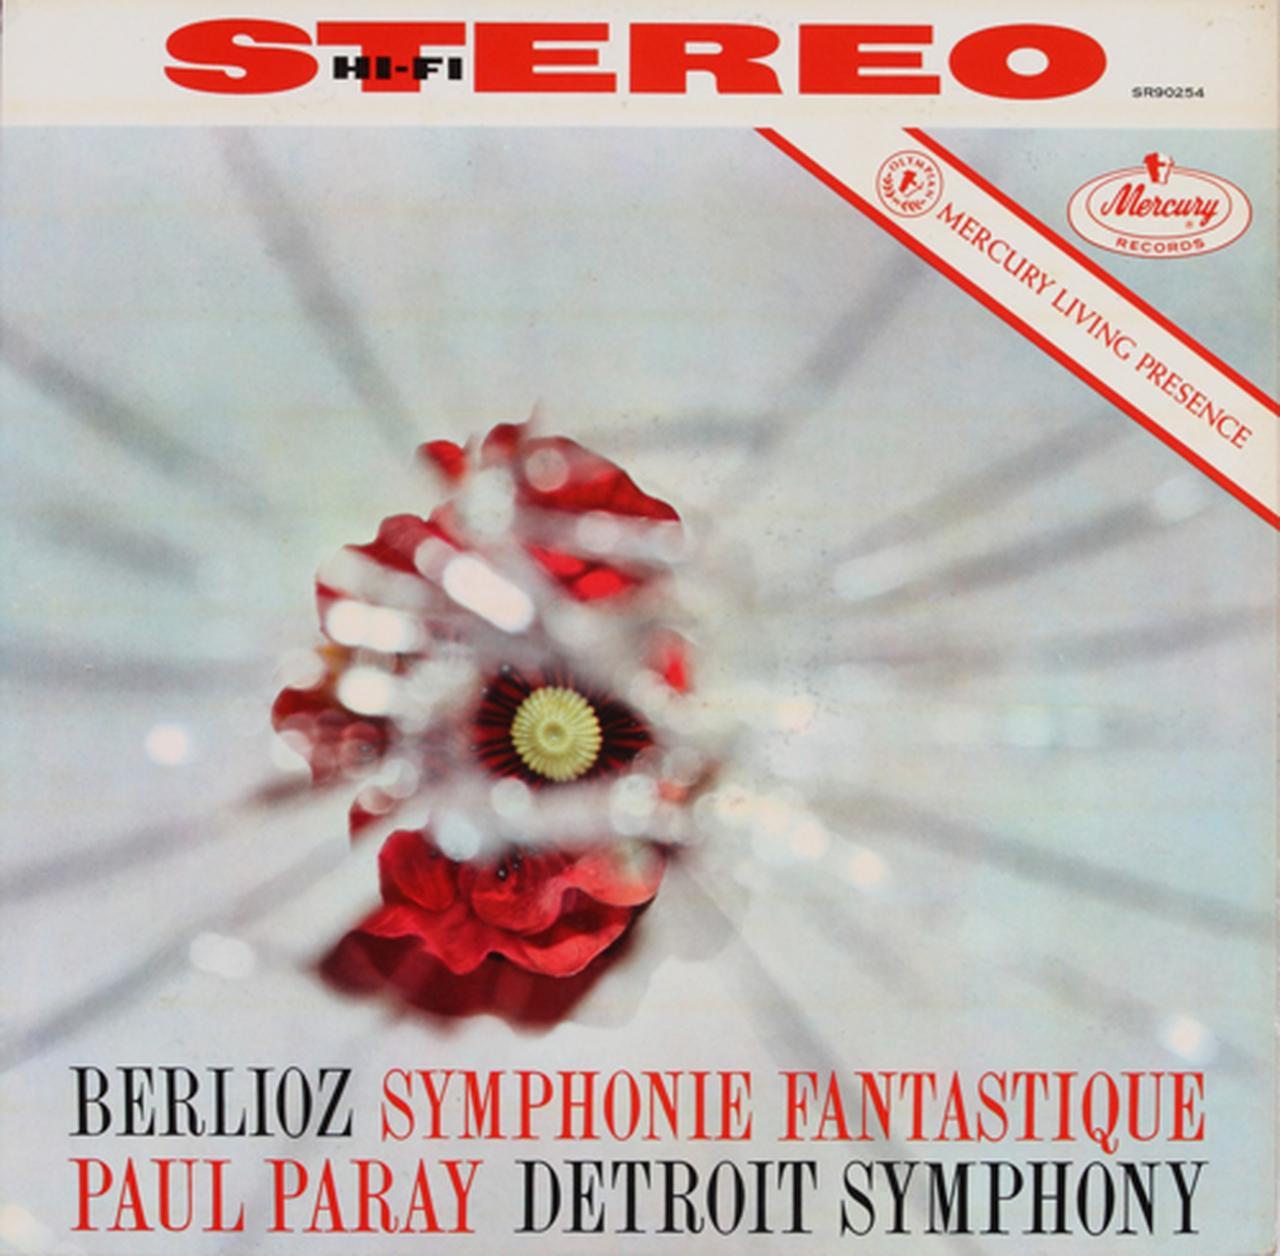 画像1: 名盤ソフト 聴きどころ紹介4/『ベルリオーズ:幻想曲』『マーラー:交響曲3番』Stereo Sound REFERENCE RECORD